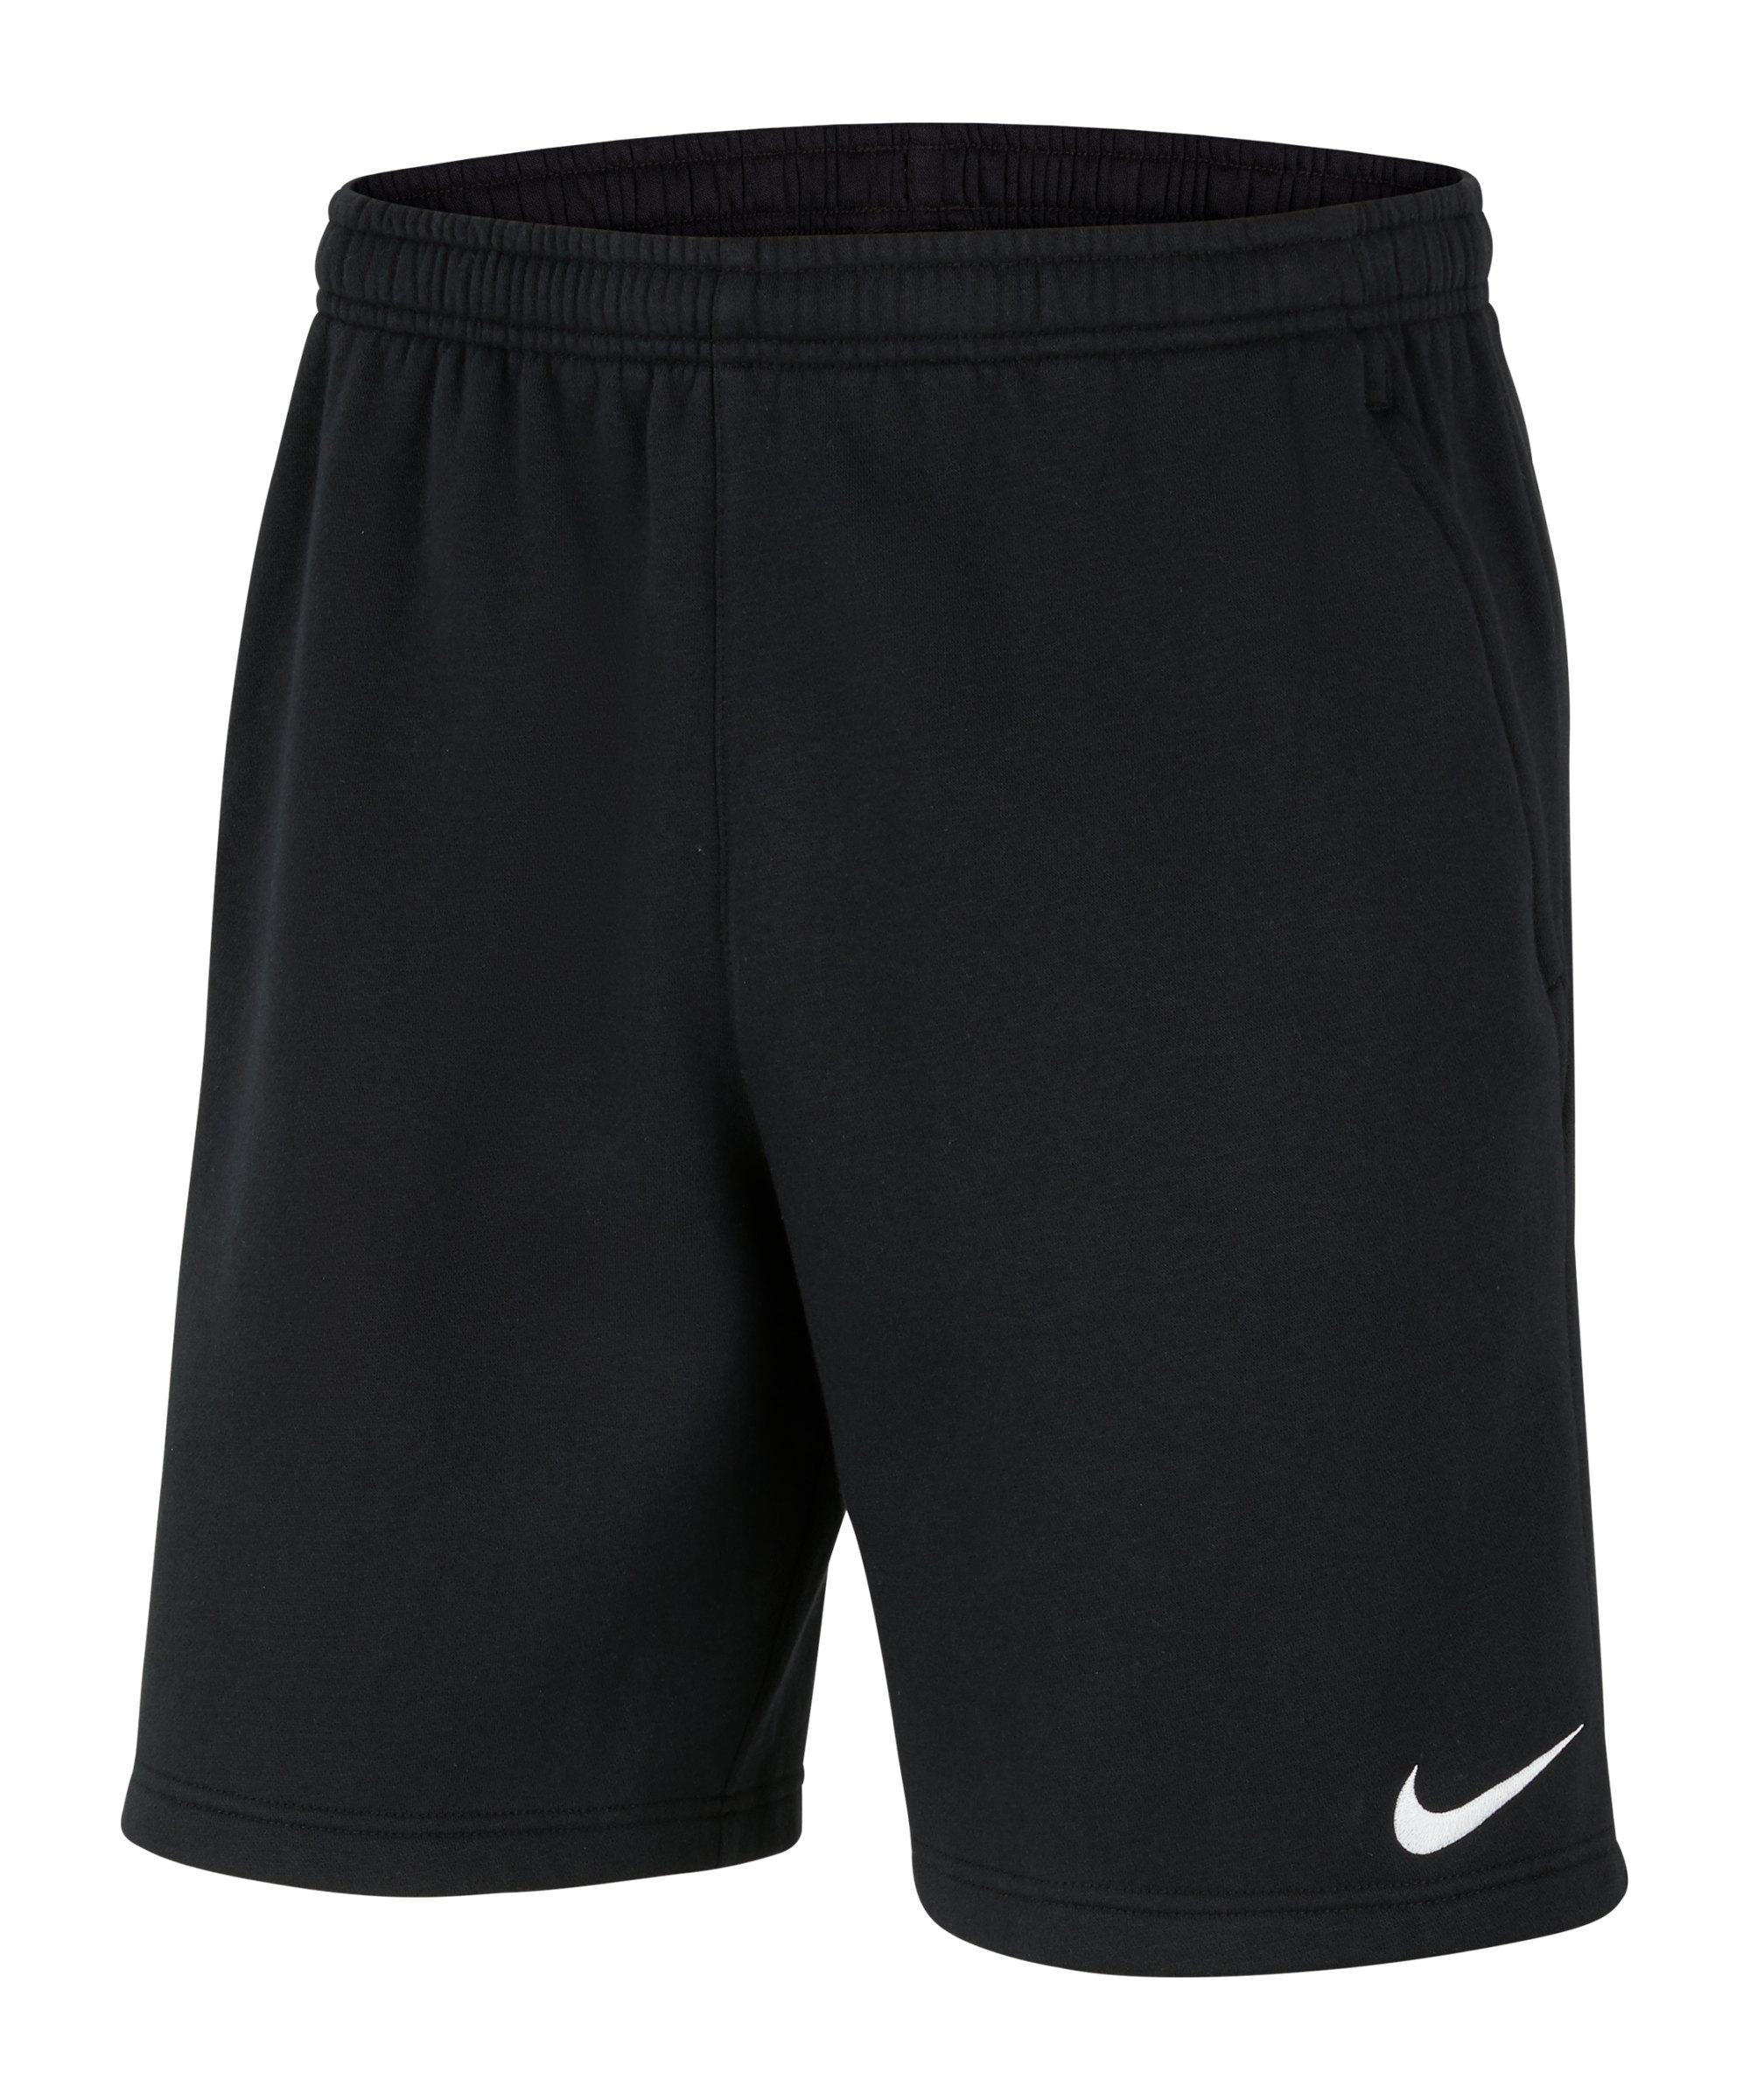 Nike Park 20 Fleece Short Schwarz F010 - schwarz